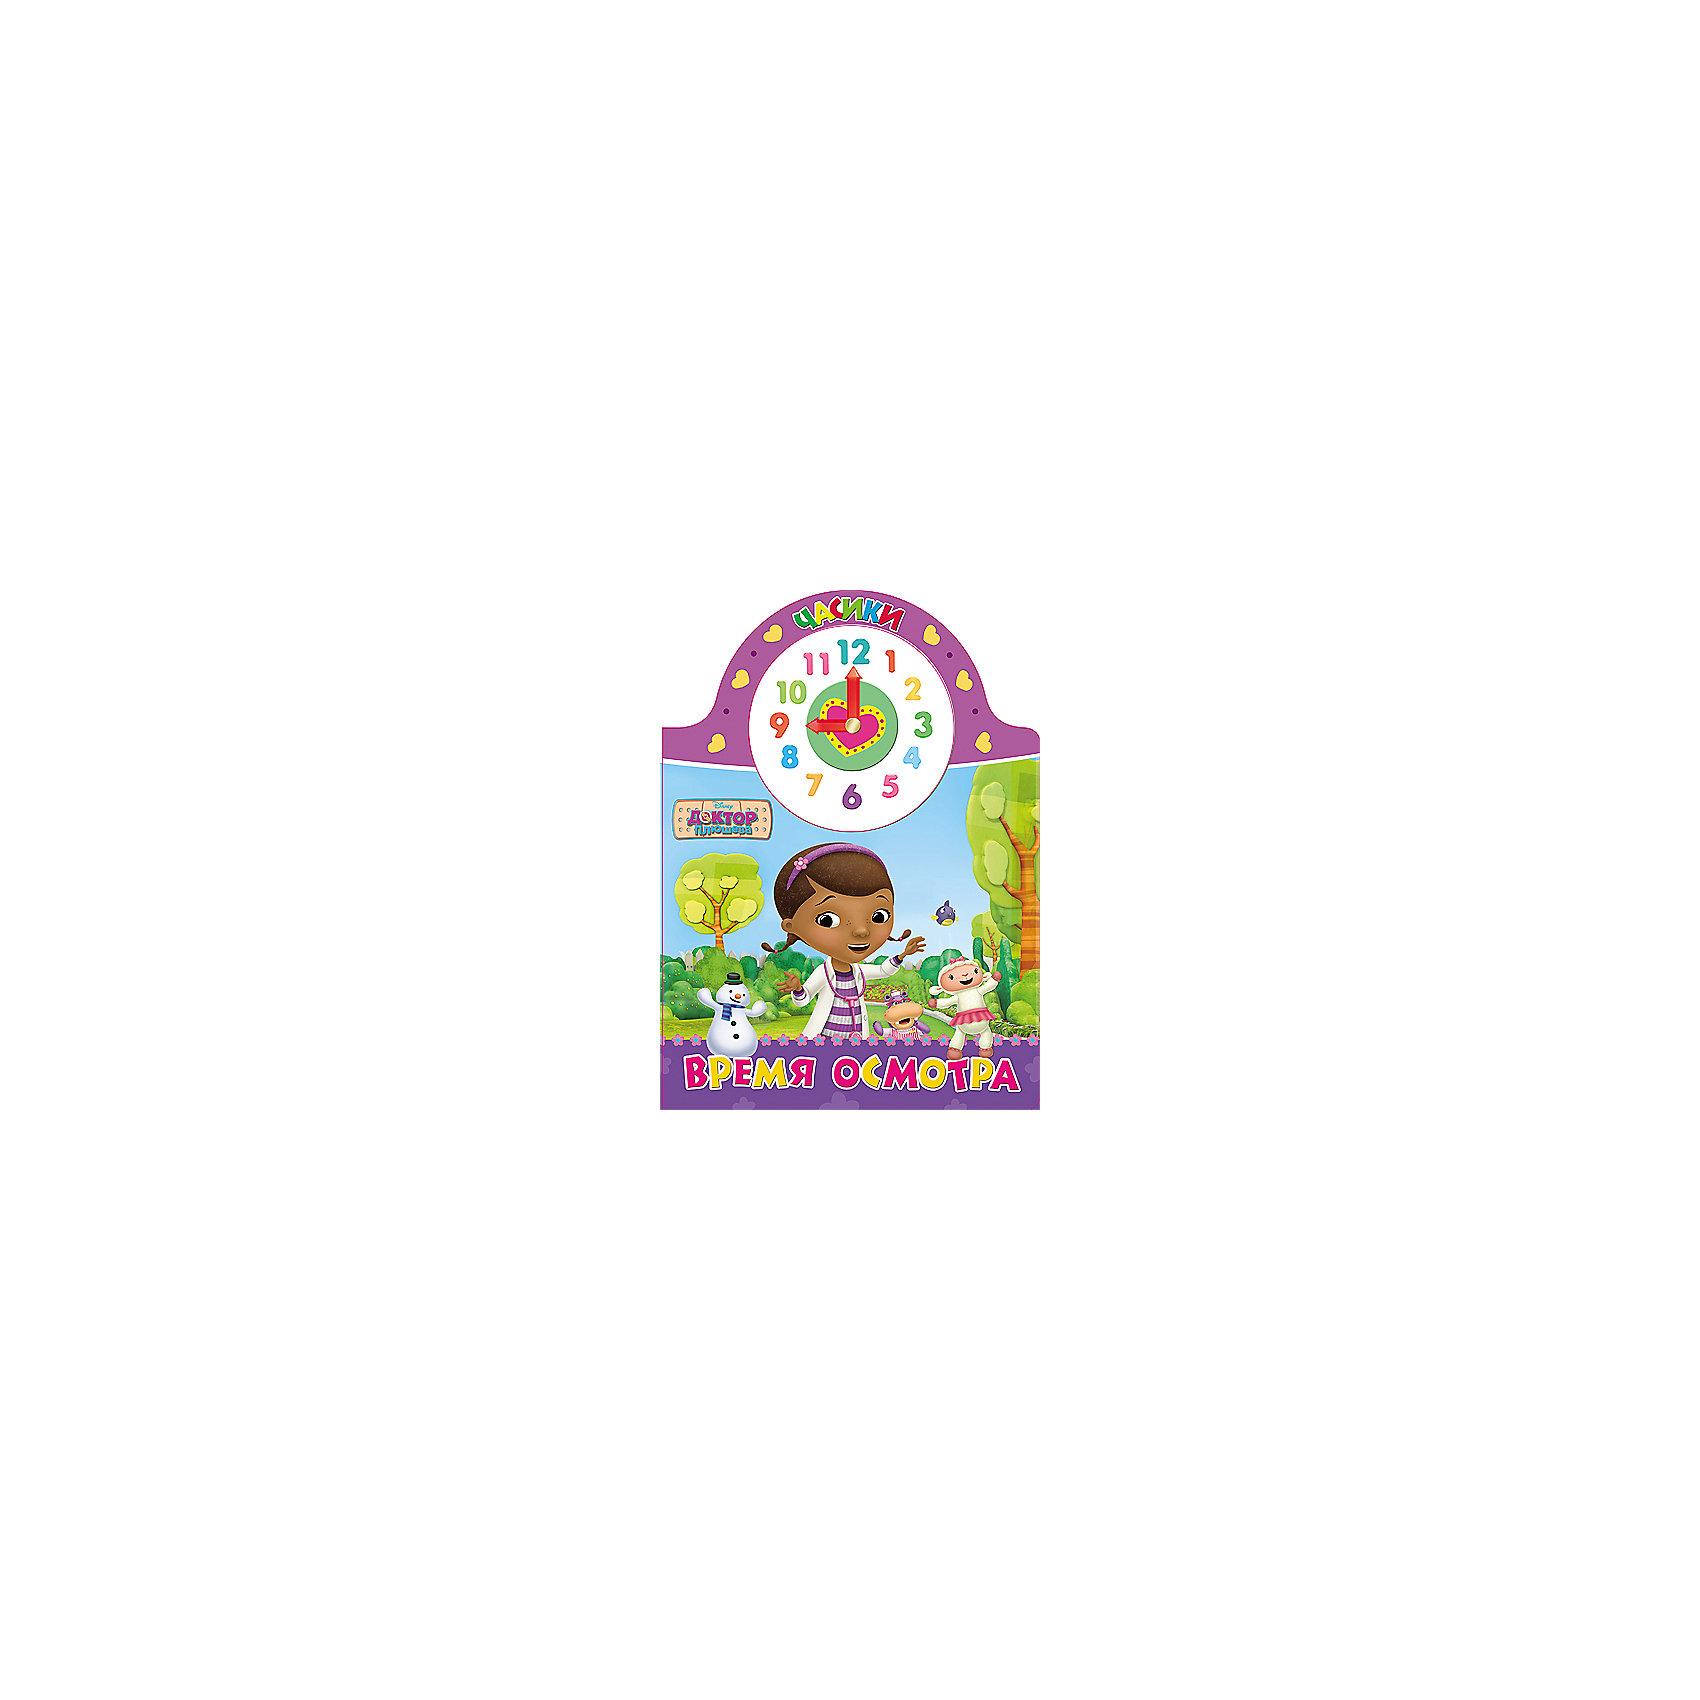 Часики Время осмотра, Доктор ПлюшеваКниги для развития мышления<br>Время осмотра - познавательная книга из серии Часики для малышей. С помощью нее ребенок научится узнавать точное время по часам, узнает для чего нужны большая и маленькая стрелка. Специально для любознательных крох в книге есть яркий циферблат с двигающимися стрелочками. Такая интересная книжка обязательно понравится малышу и родителям!<br>Дополнительная информация:<br>Издательство: Проф-Пресс<br>Год выпуска: 2016<br>Серия: DISNEY.Часики<br>Обложка: картон<br>Иллюстрации: цветные<br>Количество страниц: 10<br>ISBN:978-5-378-25745-4<br>Размер: 21,5х0,6х15,7 см<br>Вес: 104 грамма<br>Книгу Время осмотра вы можете купить в нашем интернет-магазине.<br><br>Ширина мм: 157<br>Глубина мм: 6<br>Высота мм: 215<br>Вес г: 104<br>Возраст от месяцев: 0<br>Возраст до месяцев: 36<br>Пол: Унисекс<br>Возраст: Детский<br>SKU: 4905885